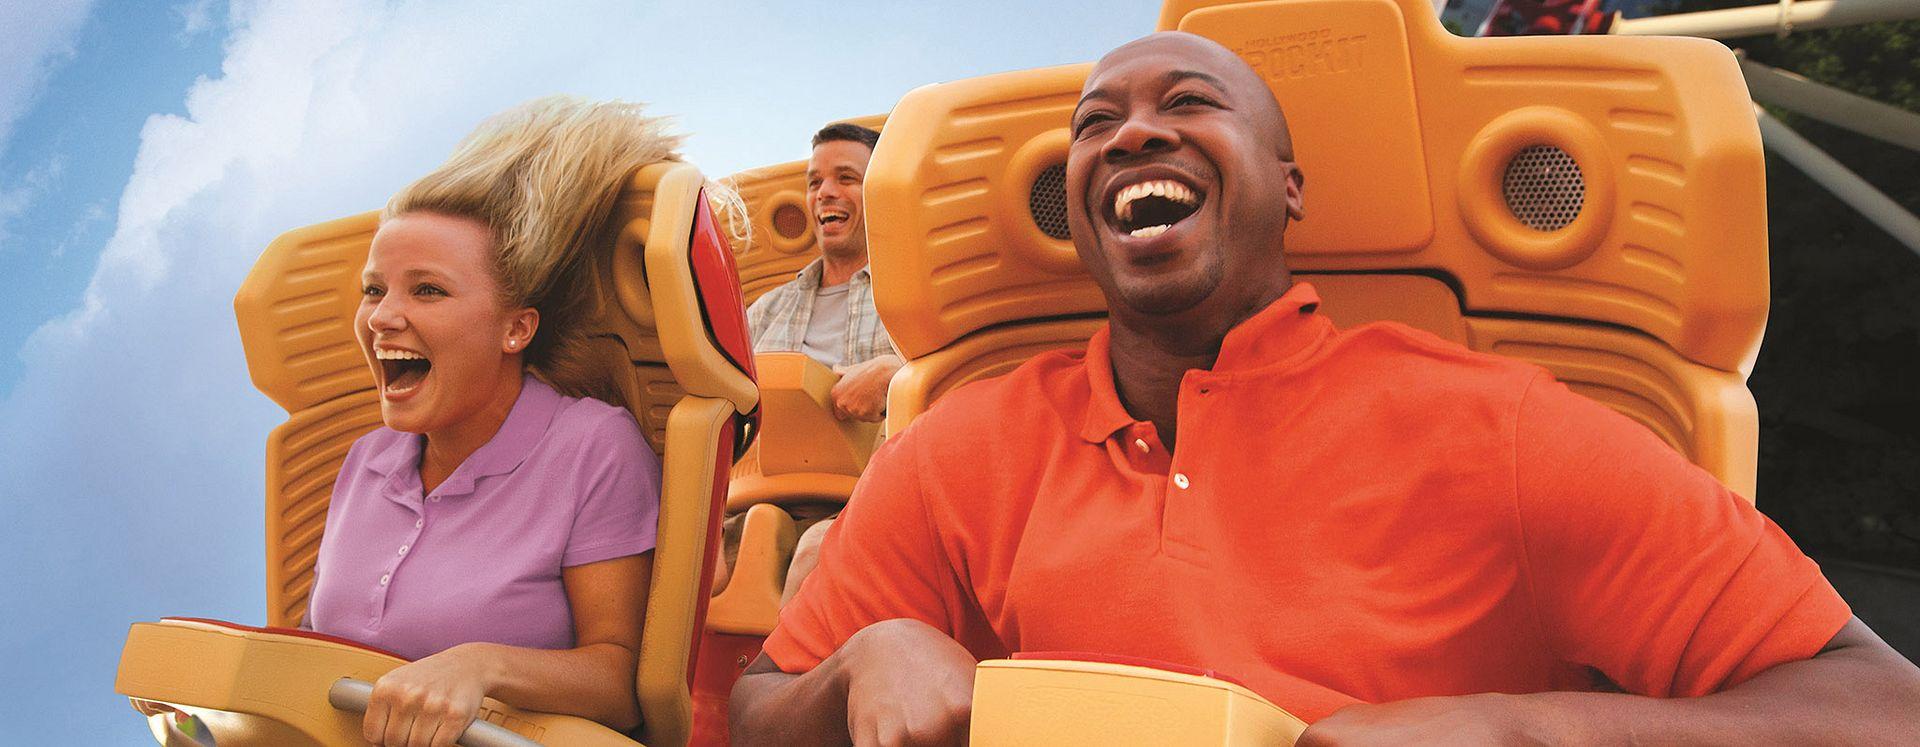 Guests riding Hollywood Rip Ride Rockit at Universal Studios Florida